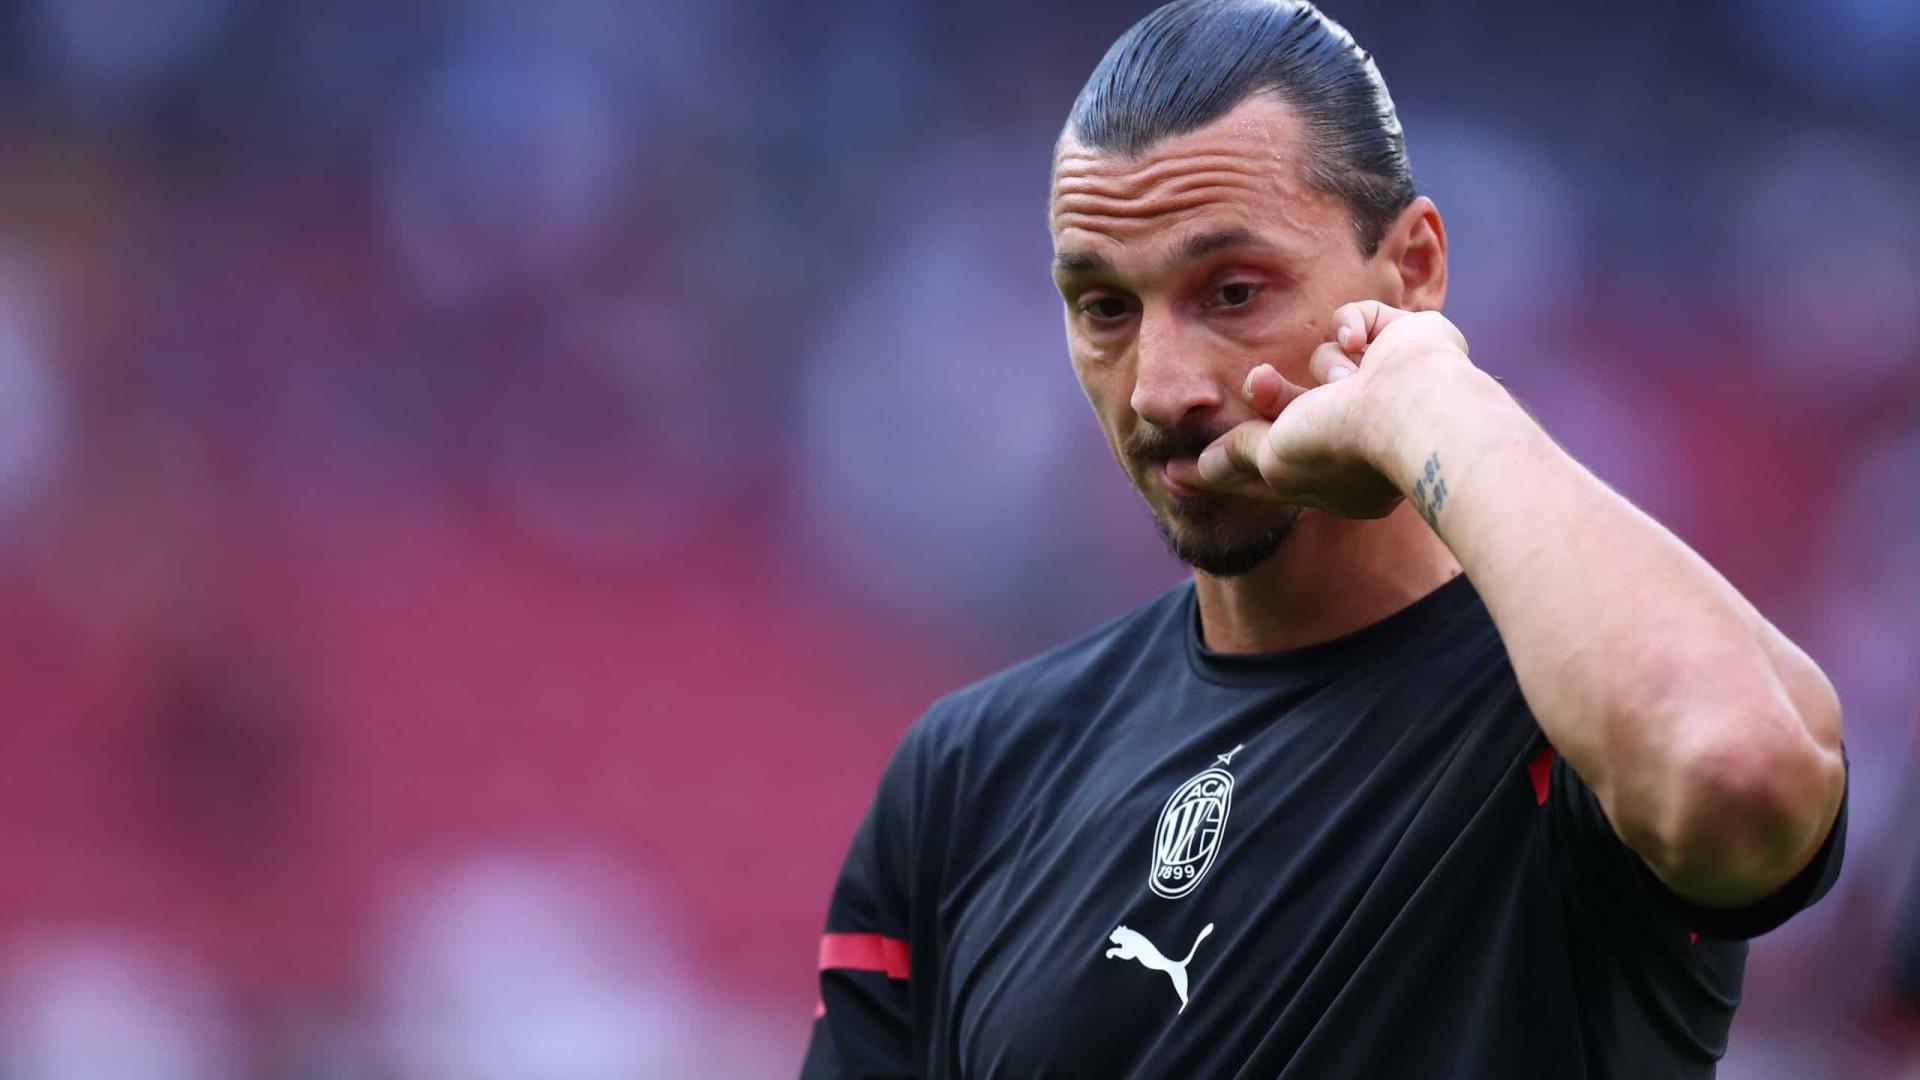 Ibrahimovic sente lesão e desfalca Milan contra Liverpool pela Liga dos Campeões